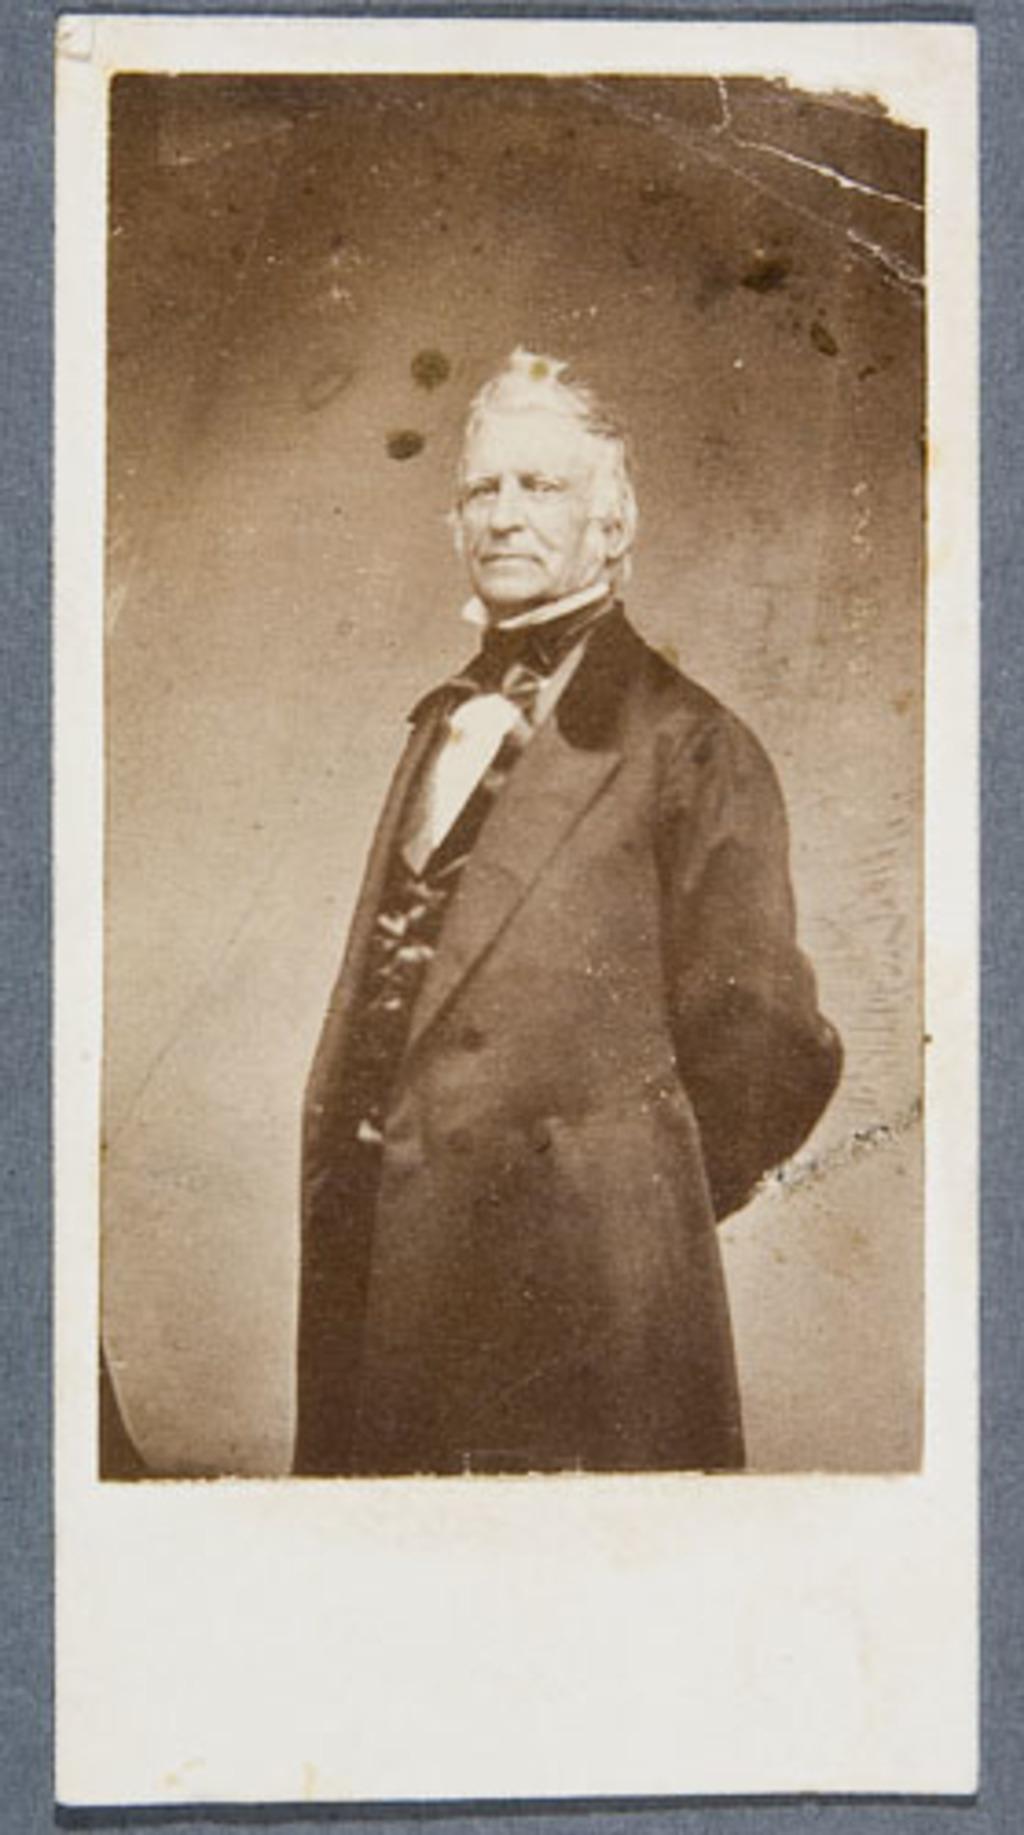 Louis-Joseph Papineau, de l'album Eugène-Hamel